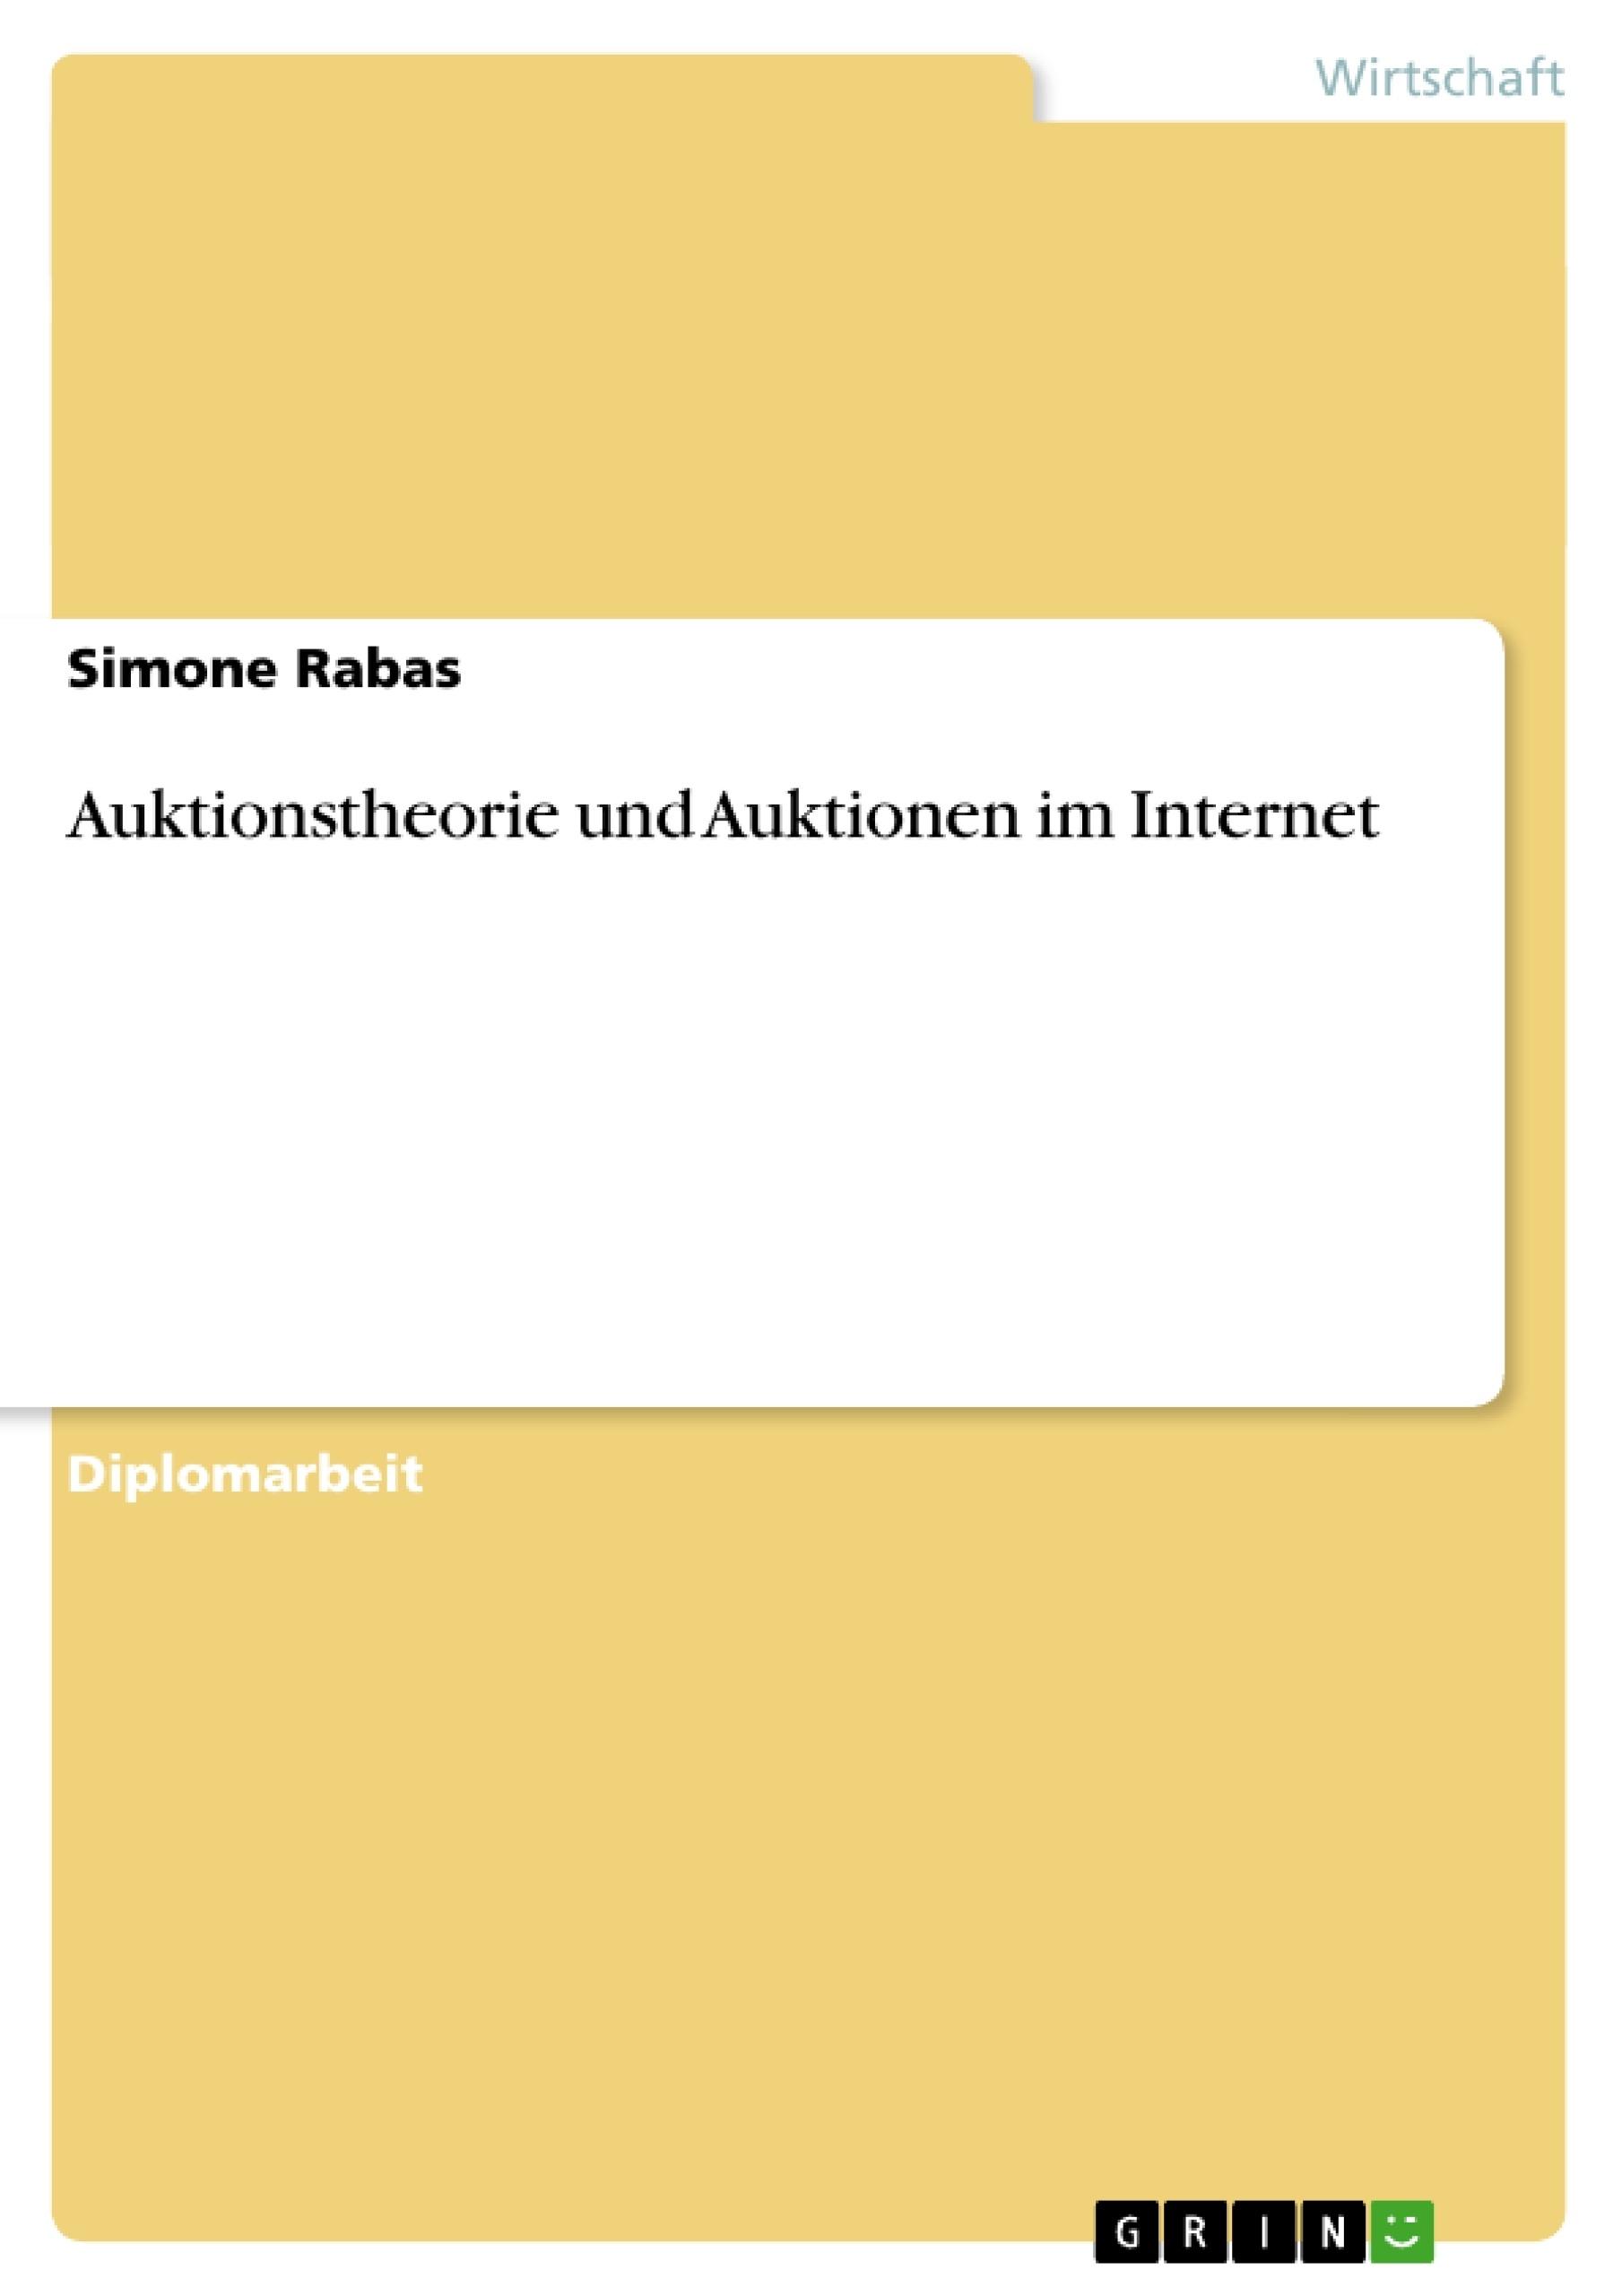 Titel: Auktionstheorie und Auktionen im Internet